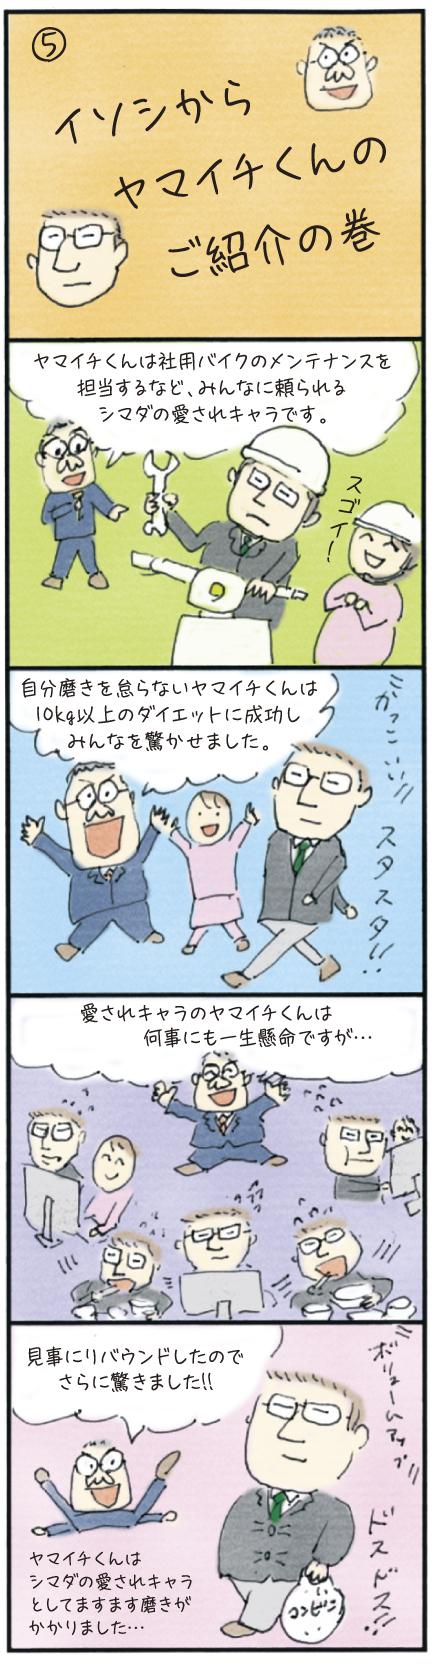 yamaichikun_191028.jpg